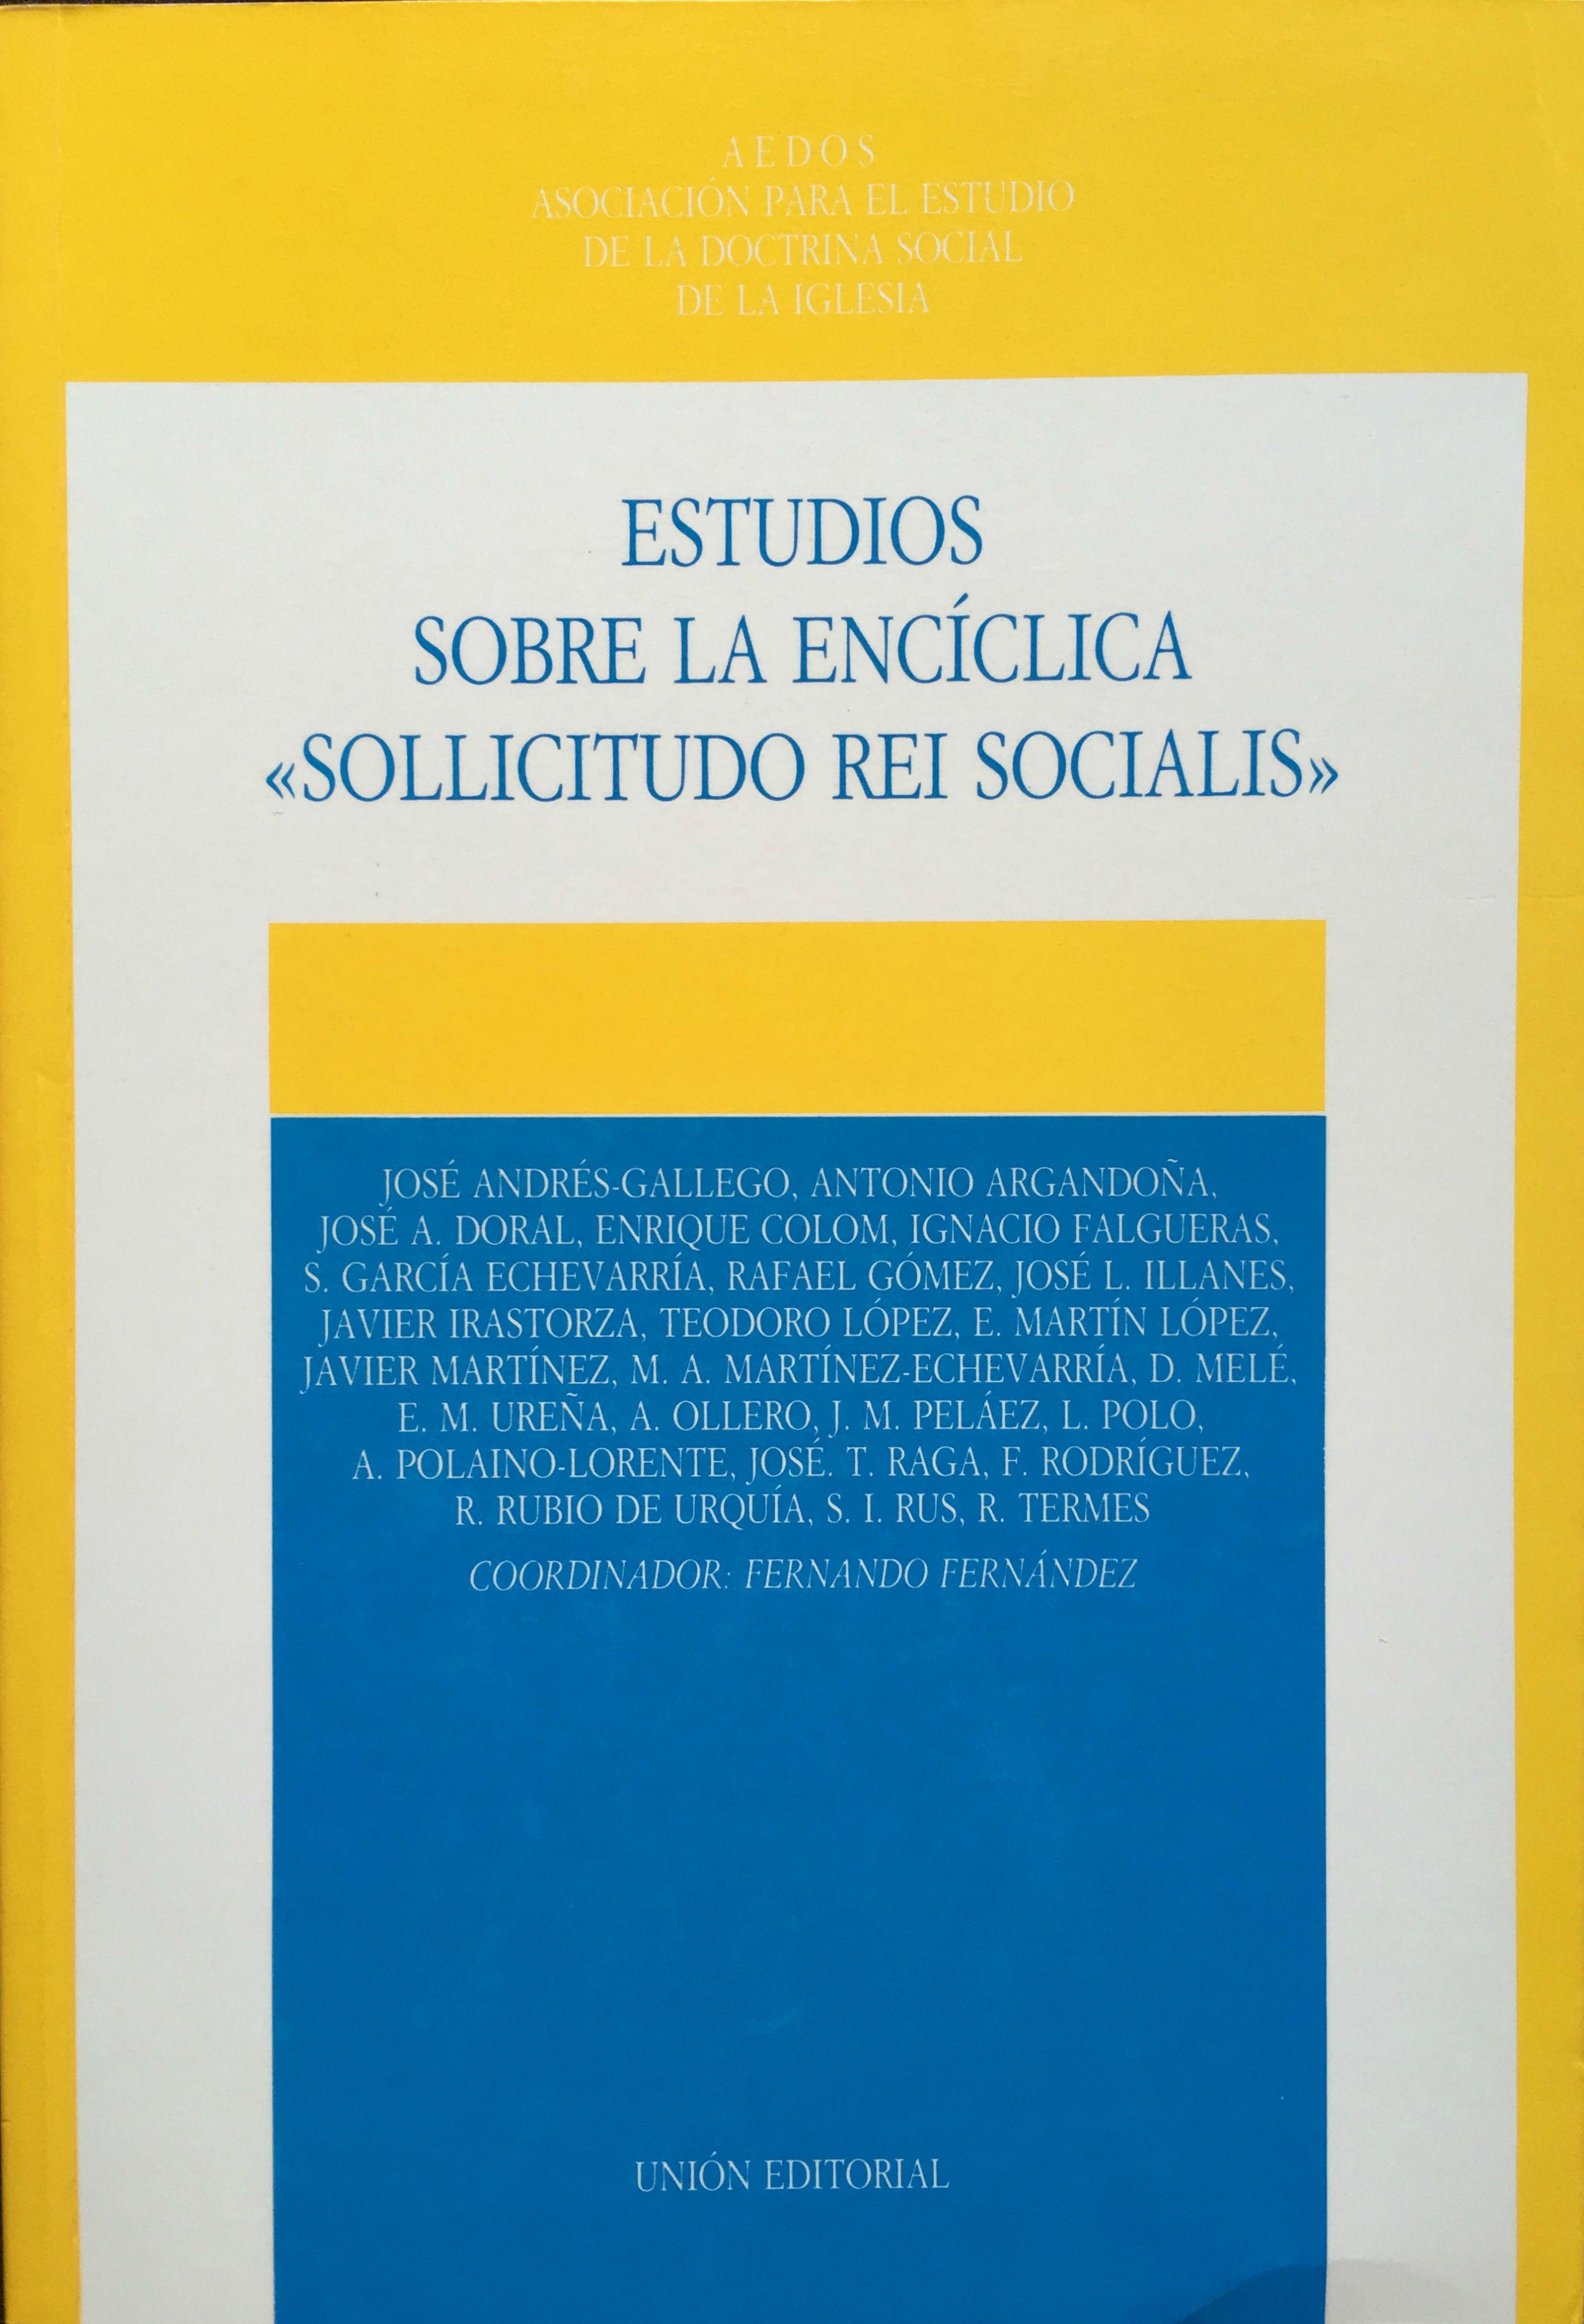 Estudios sobre la enciclica sollicitudo rei socialis